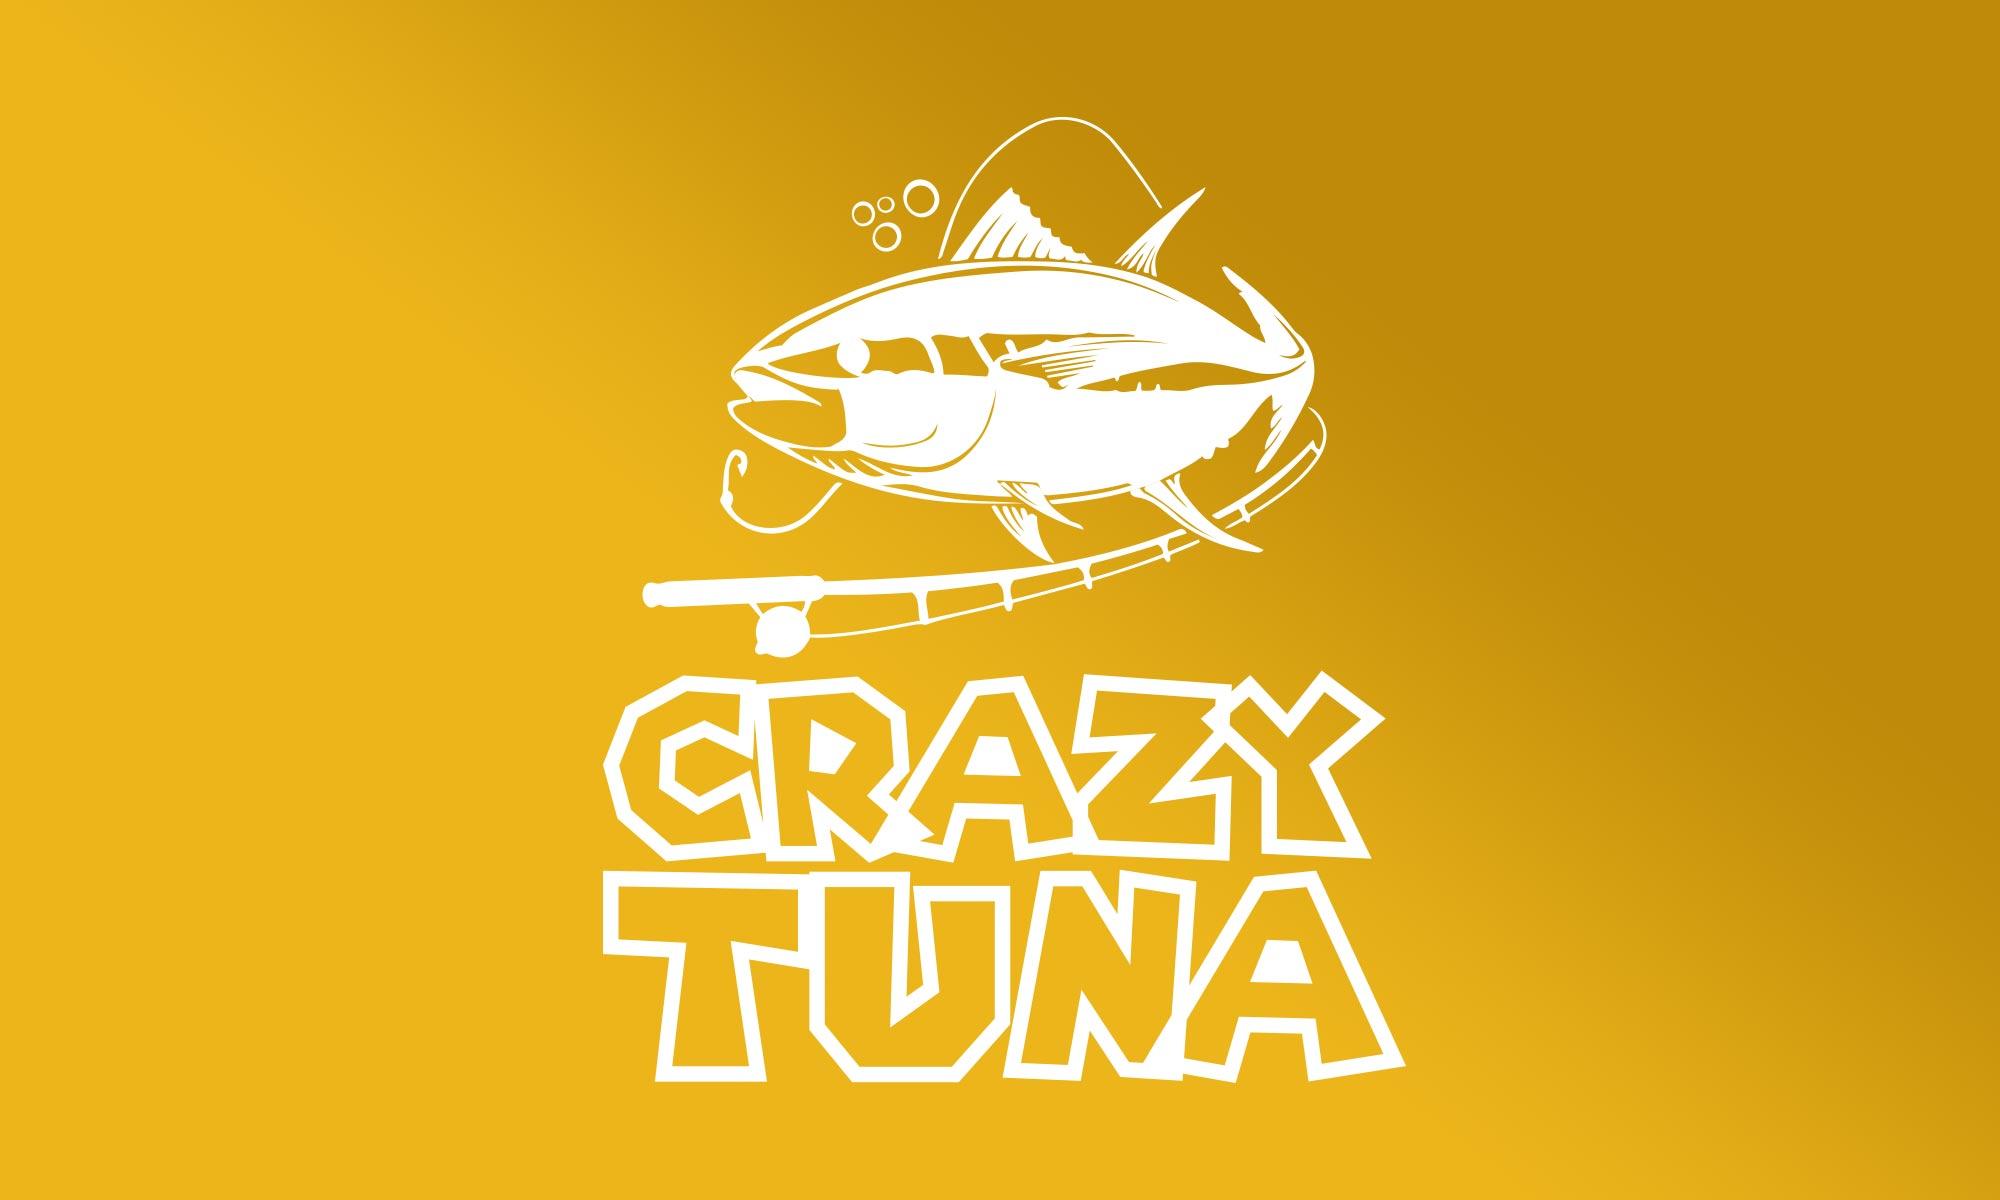 https://www.atelierzoz.com/wp-content/uploads/2020/03/works_crazy-tuna-1.jpg